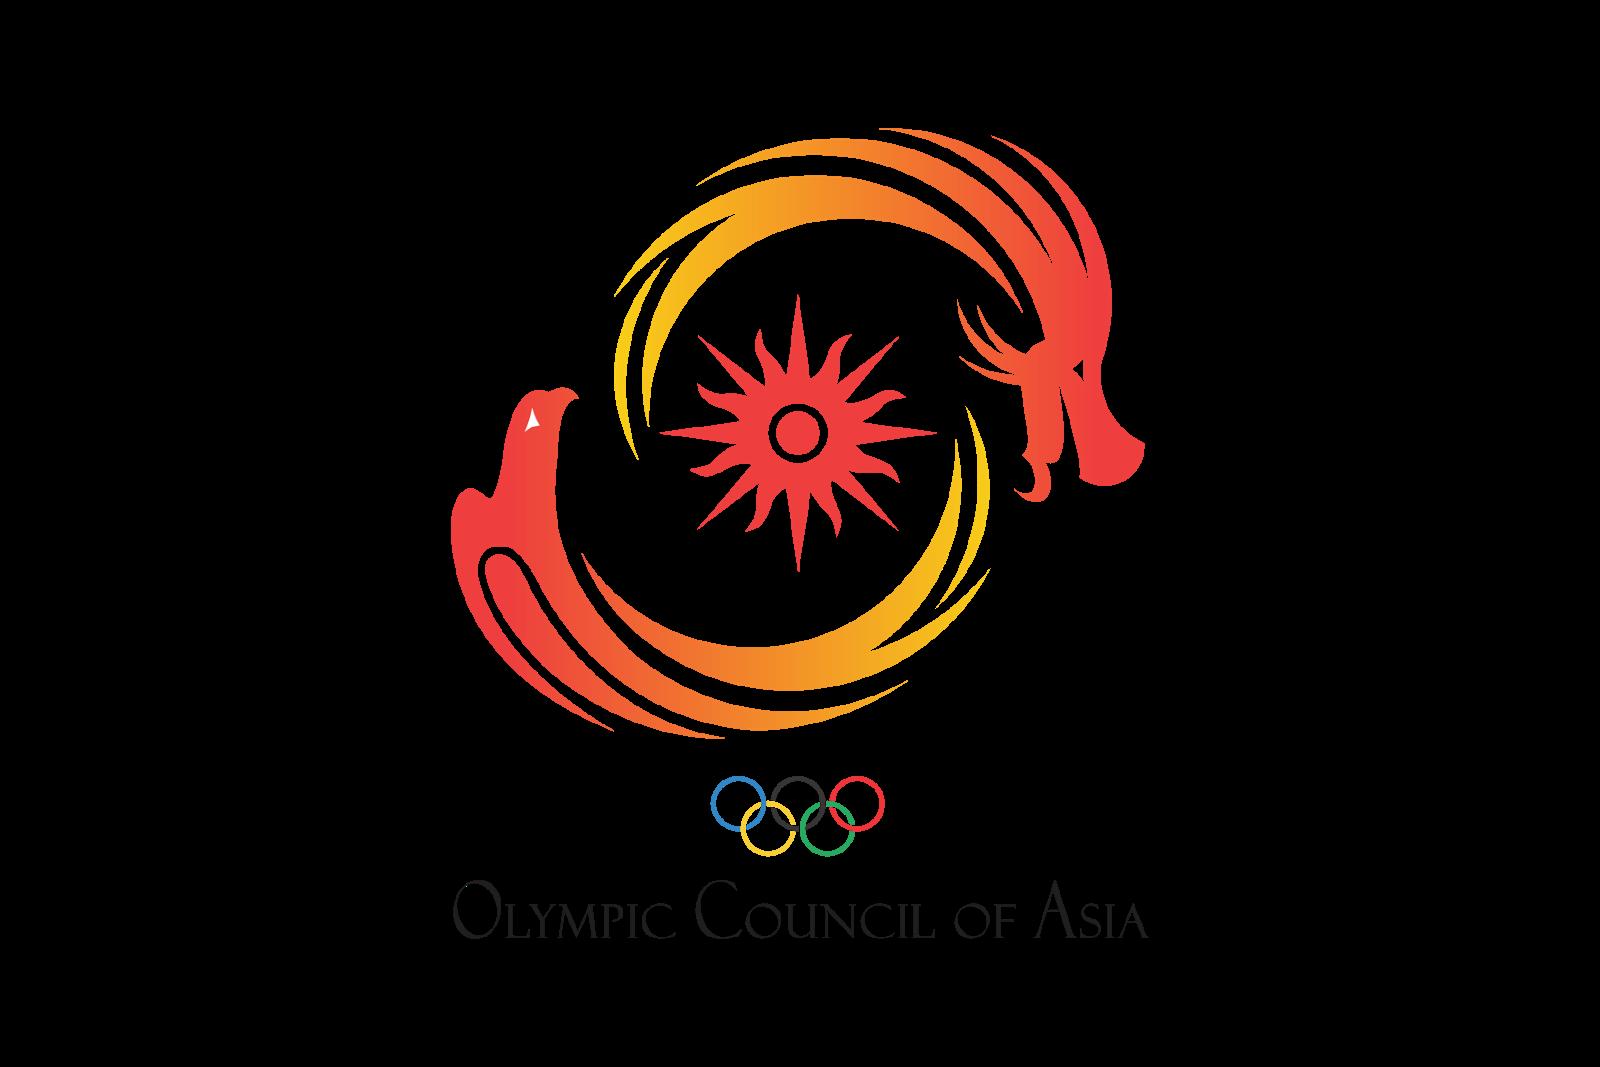 شورای المپیک آسیا از «وادا» و «رادو» برای مبارزه با دوپینگ تقدیر کرد